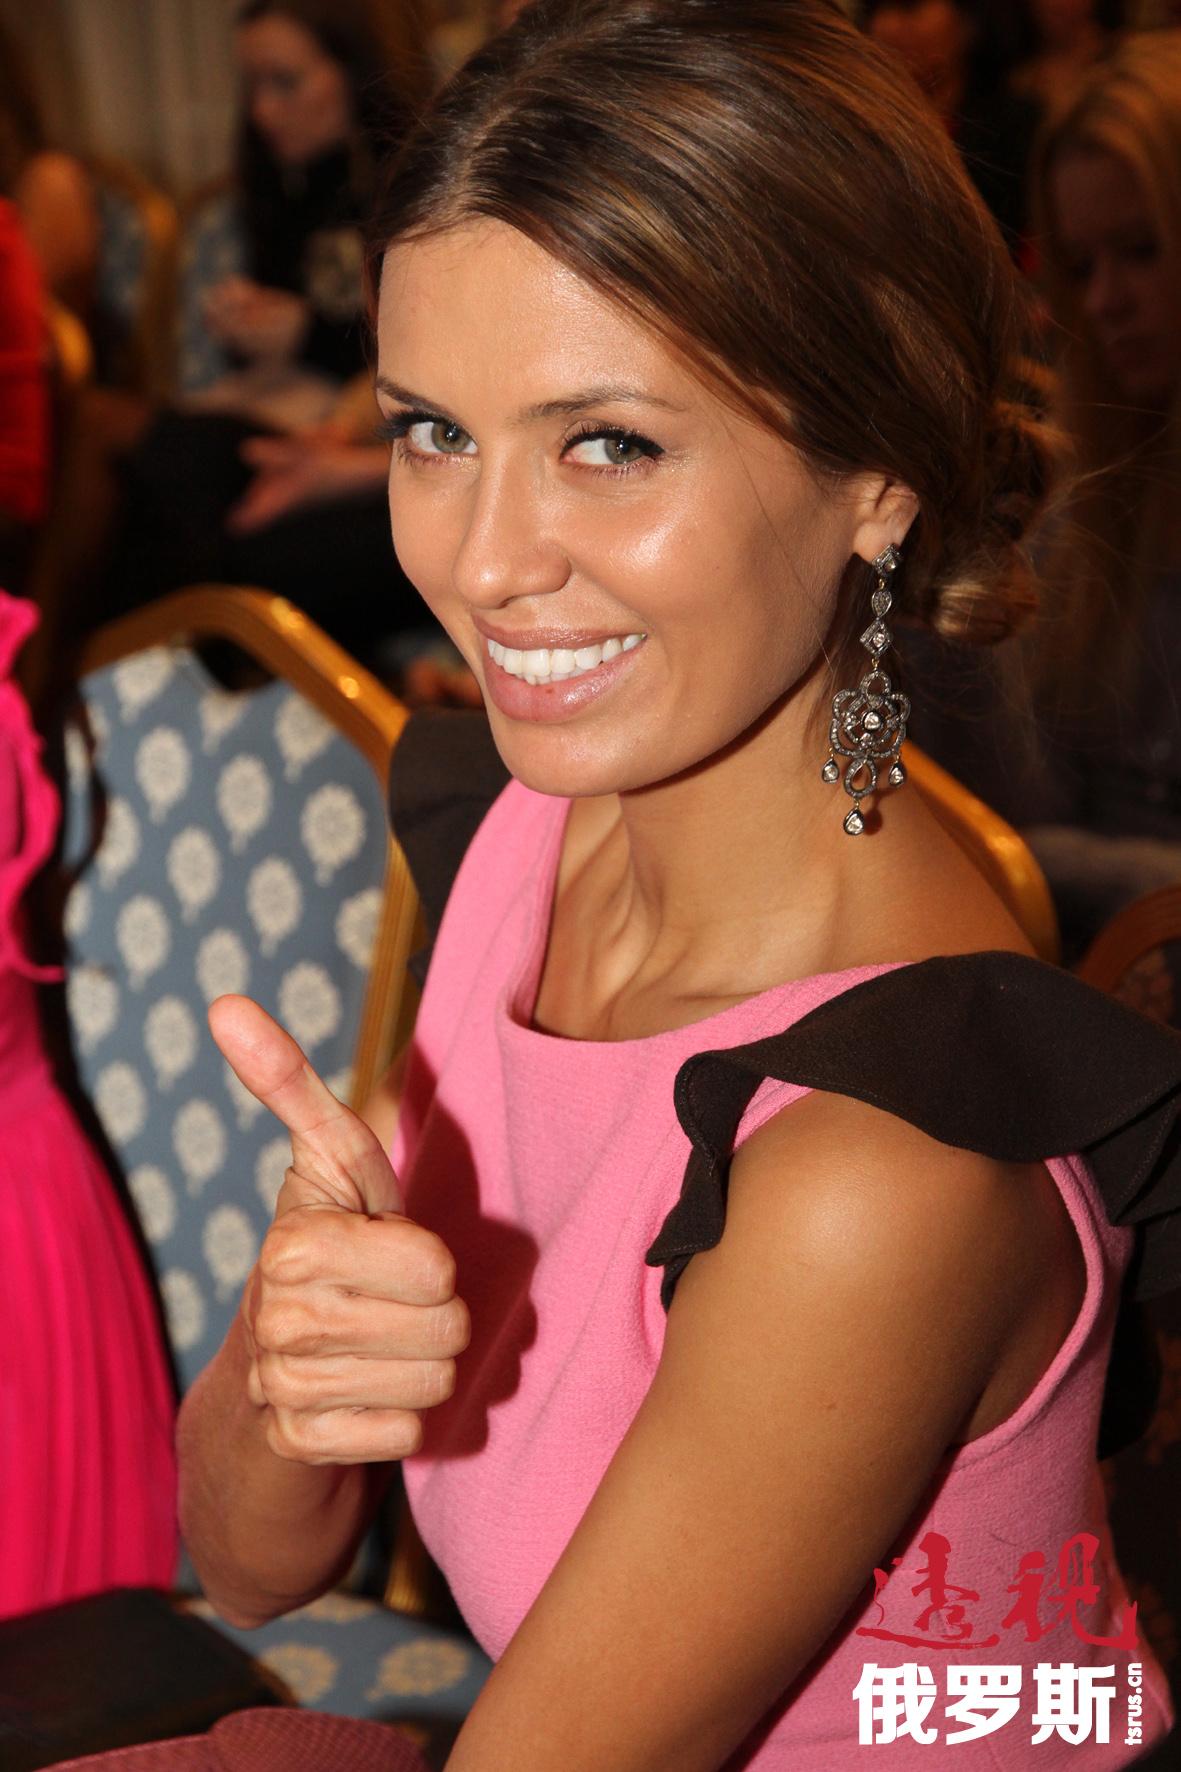 """2006年5月至2007年4月,她参加了俄罗斯著名真人秀节目""""Dom-2""""。"""